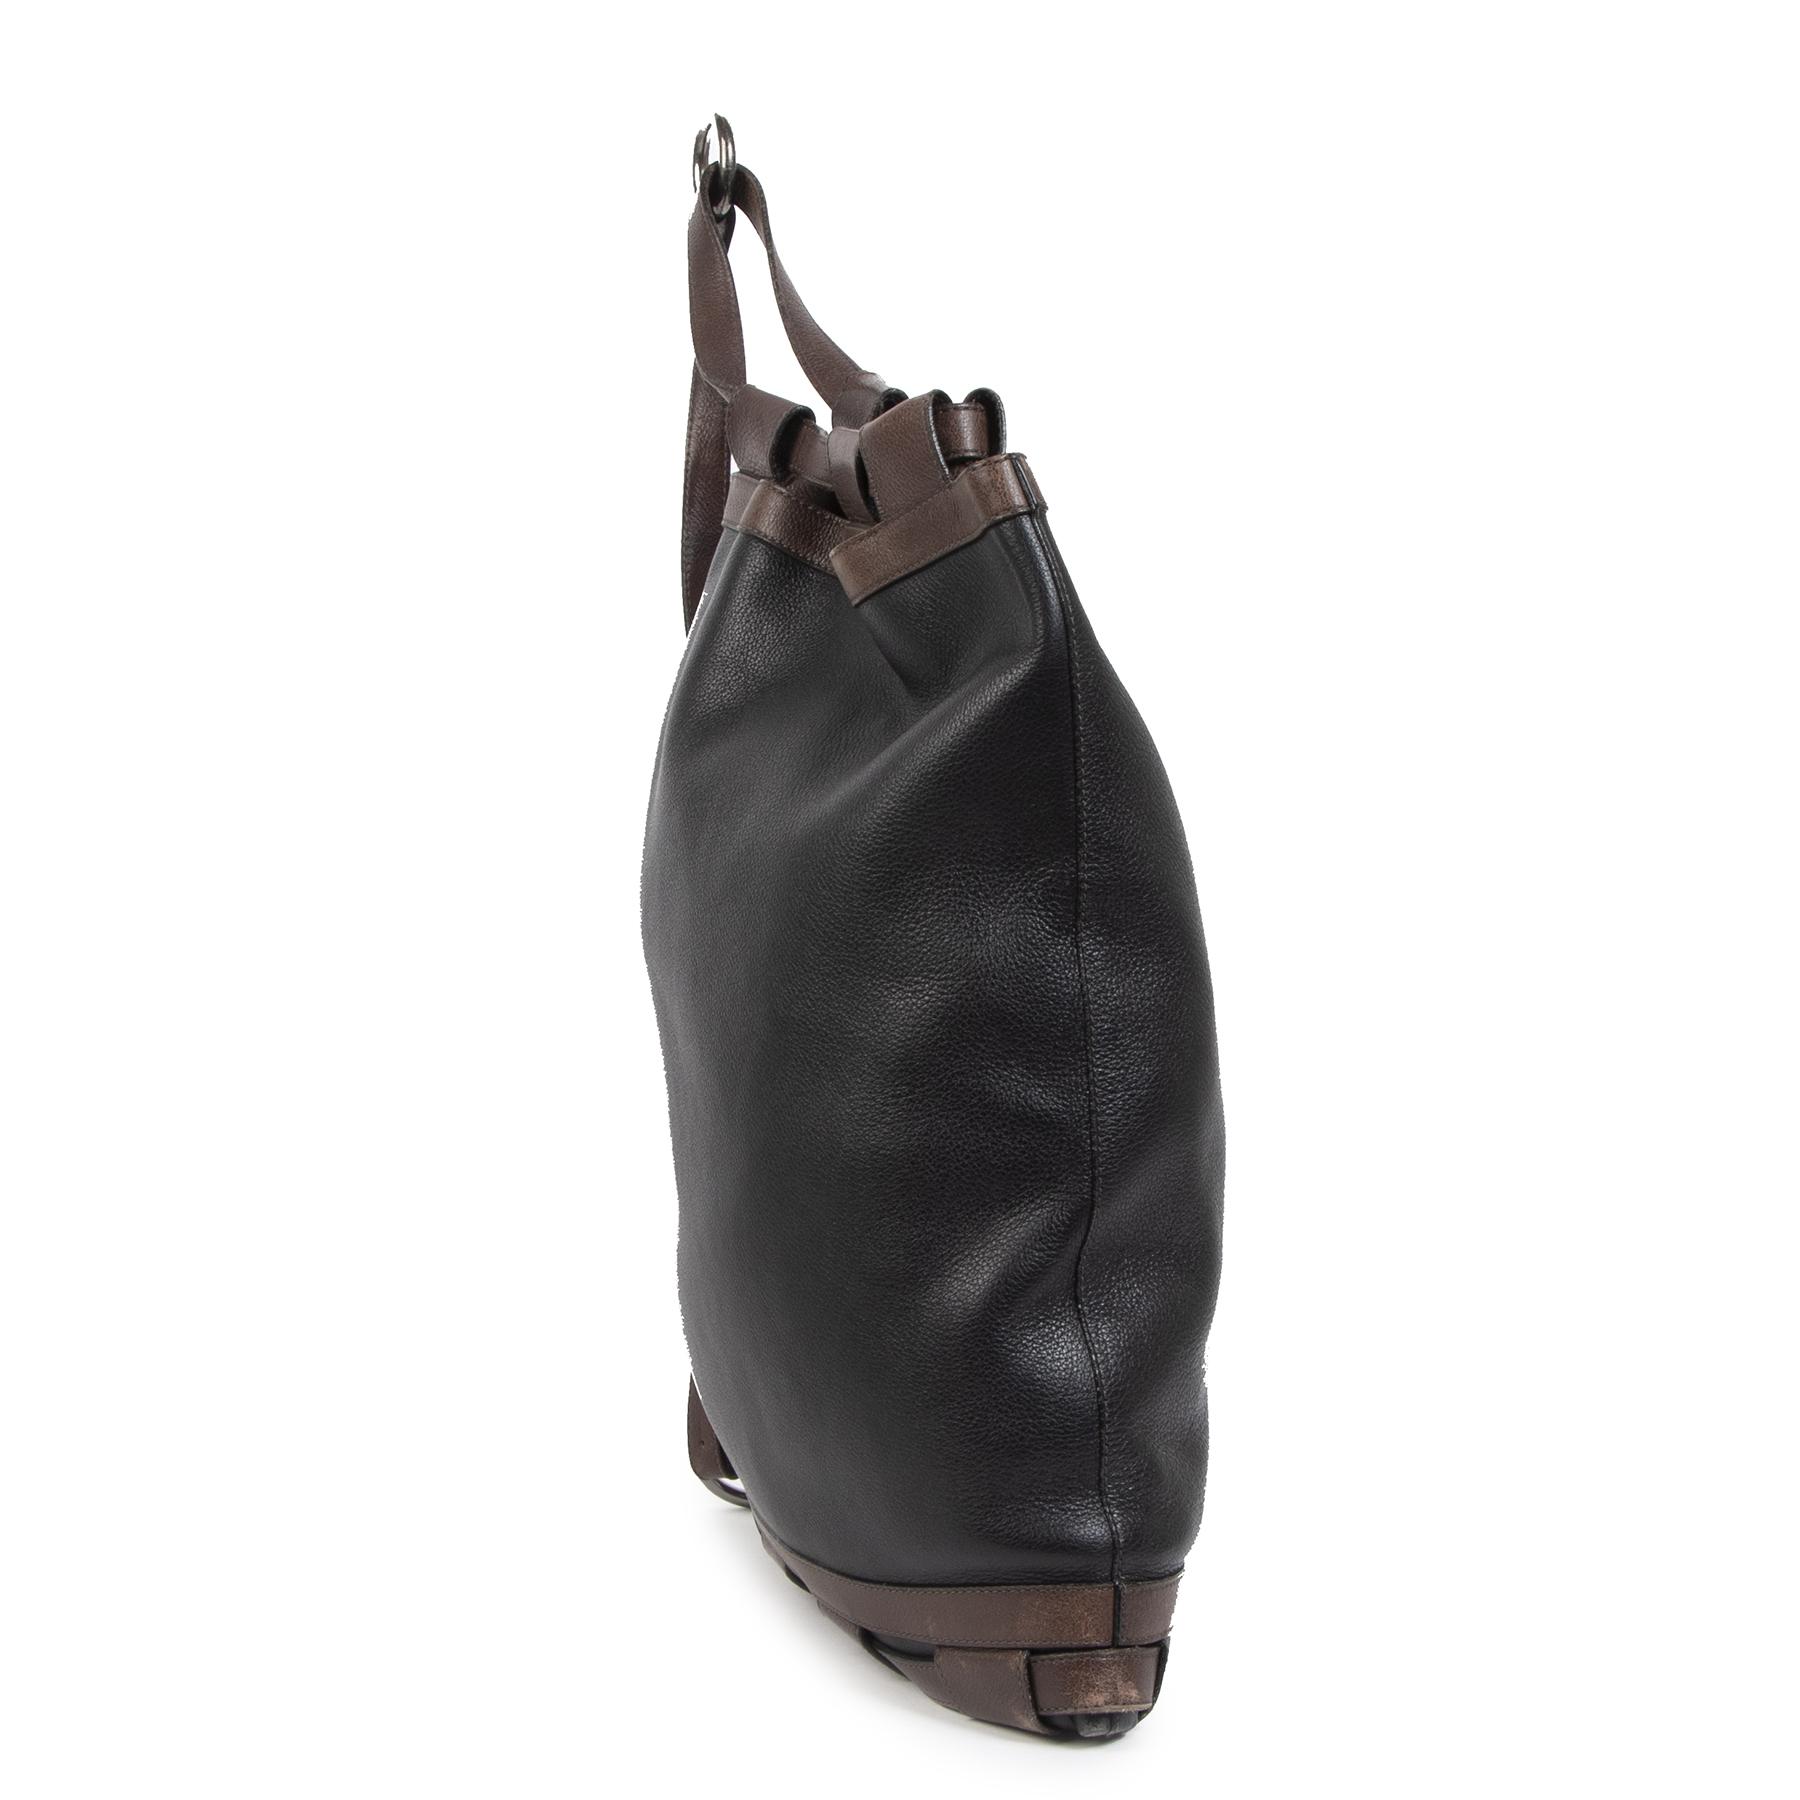 Authentieke Tweedehands Delvaux Black leather Shoulder Bag juiste prijs veilig online shoppen luxe merken webshop winkelen Antwerpen België mode fashion